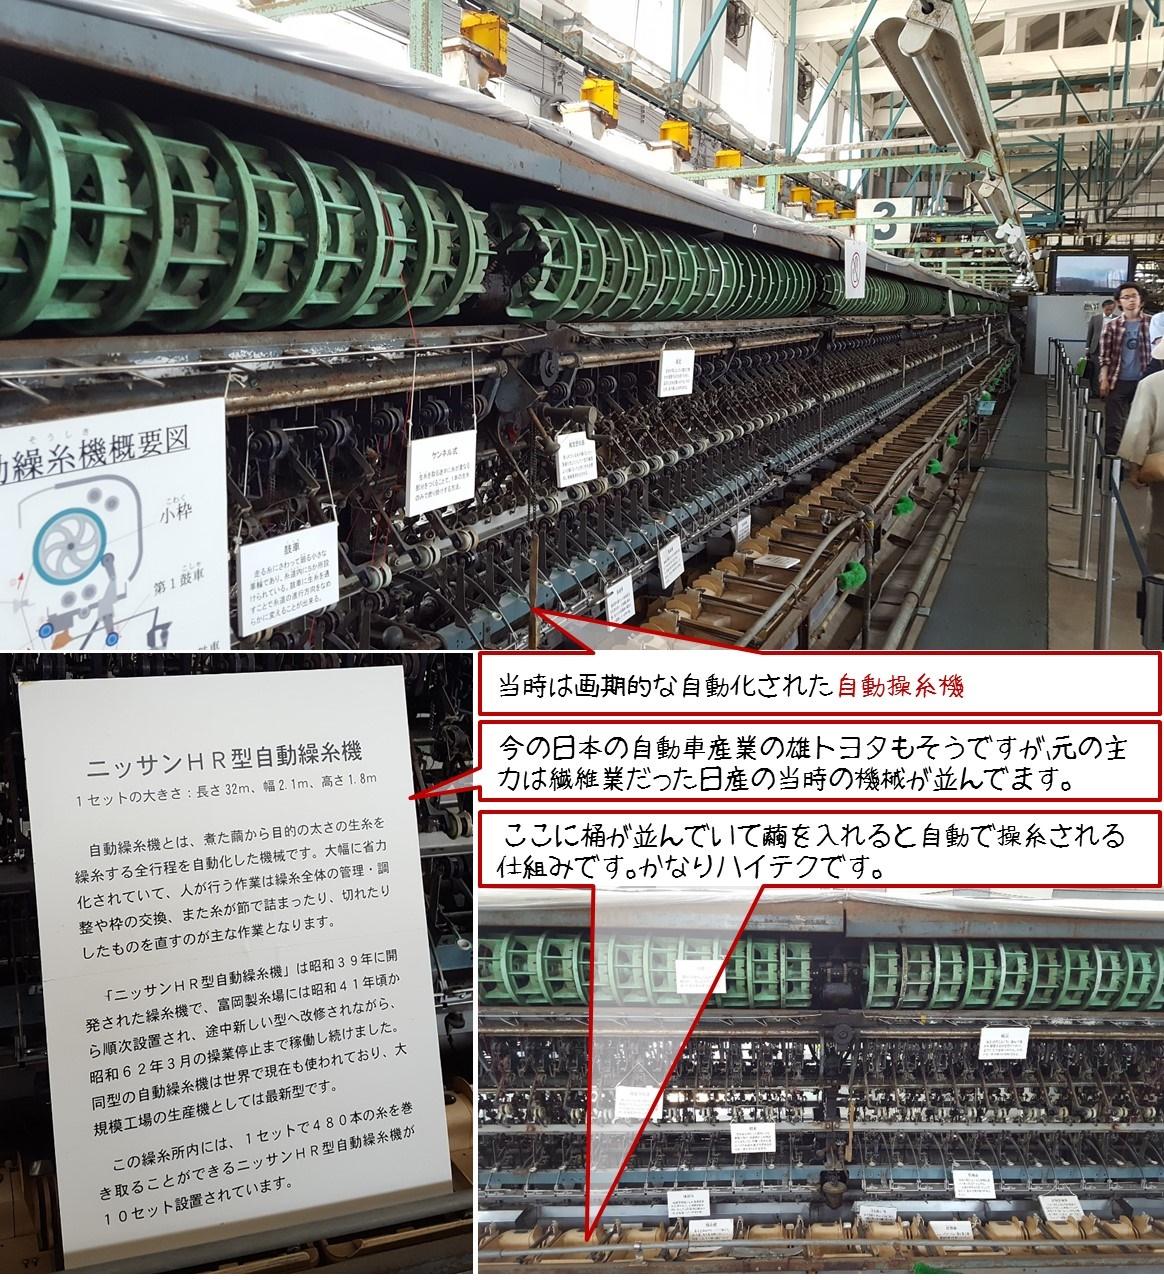 当時は画期的な自動化された自動操糸機 今の日本の自動車産業の雄トヨタもそうですが、元の主力は繊維業だった日産の当時の機械が並んでます。 ここに桶が並んでいて繭を入れると自動で操糸される仕組みです。 かなりハイテクです。